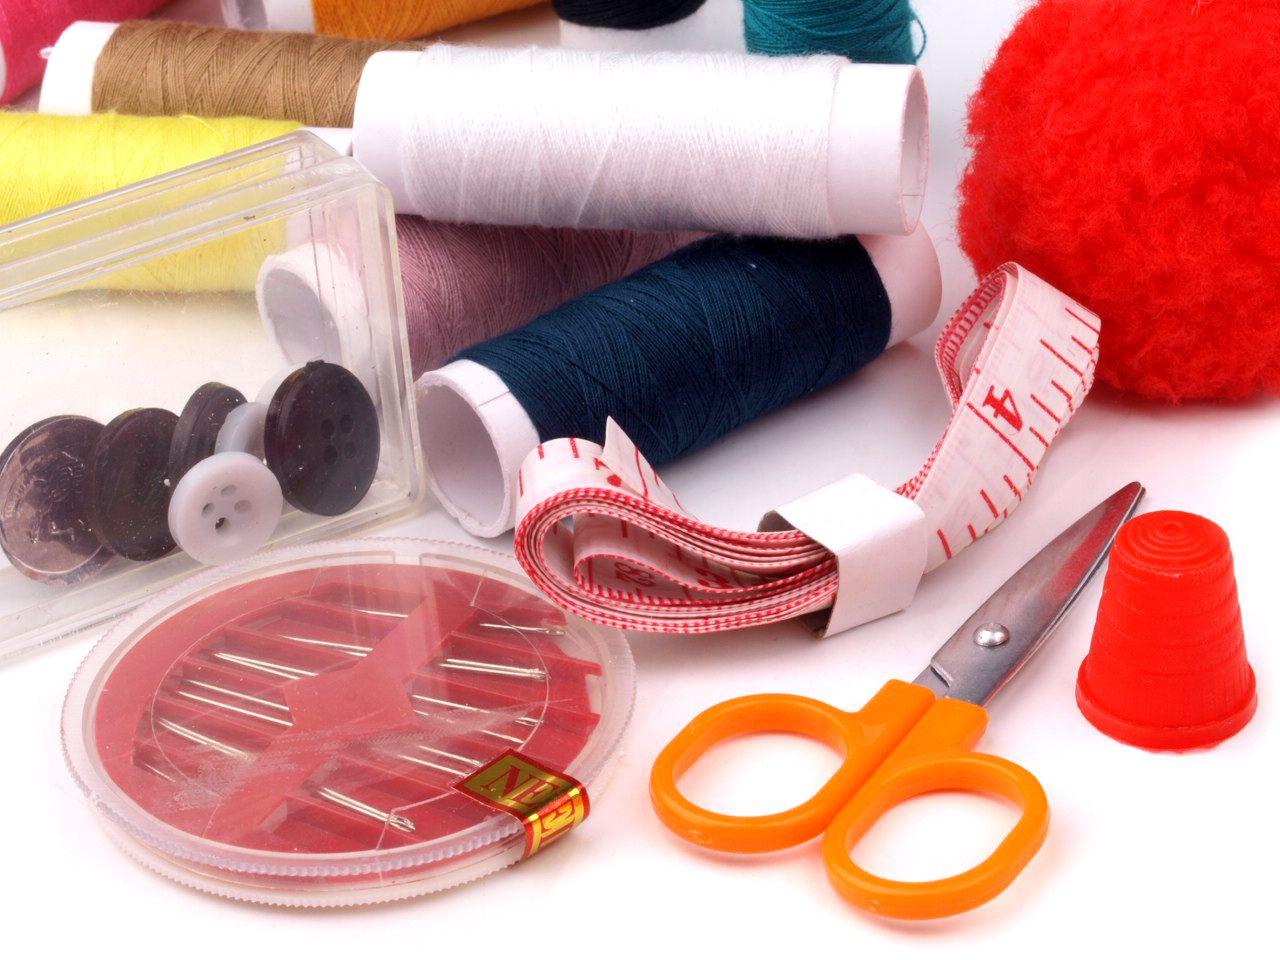 картинки фурнитура для шитья предоставил вам некоторые